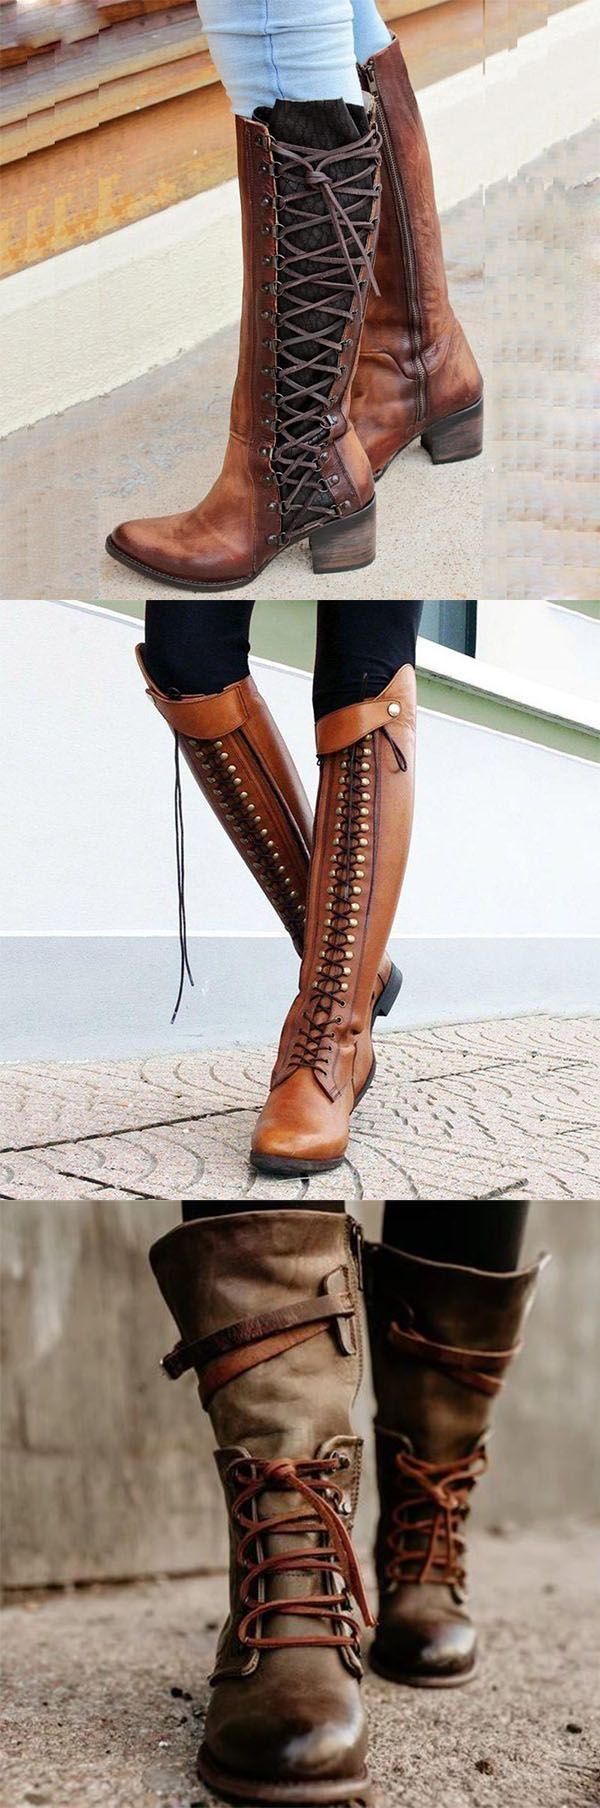 Up Hot Lace Zipper Boots Style women Vintage European Sale 08nwOkXP